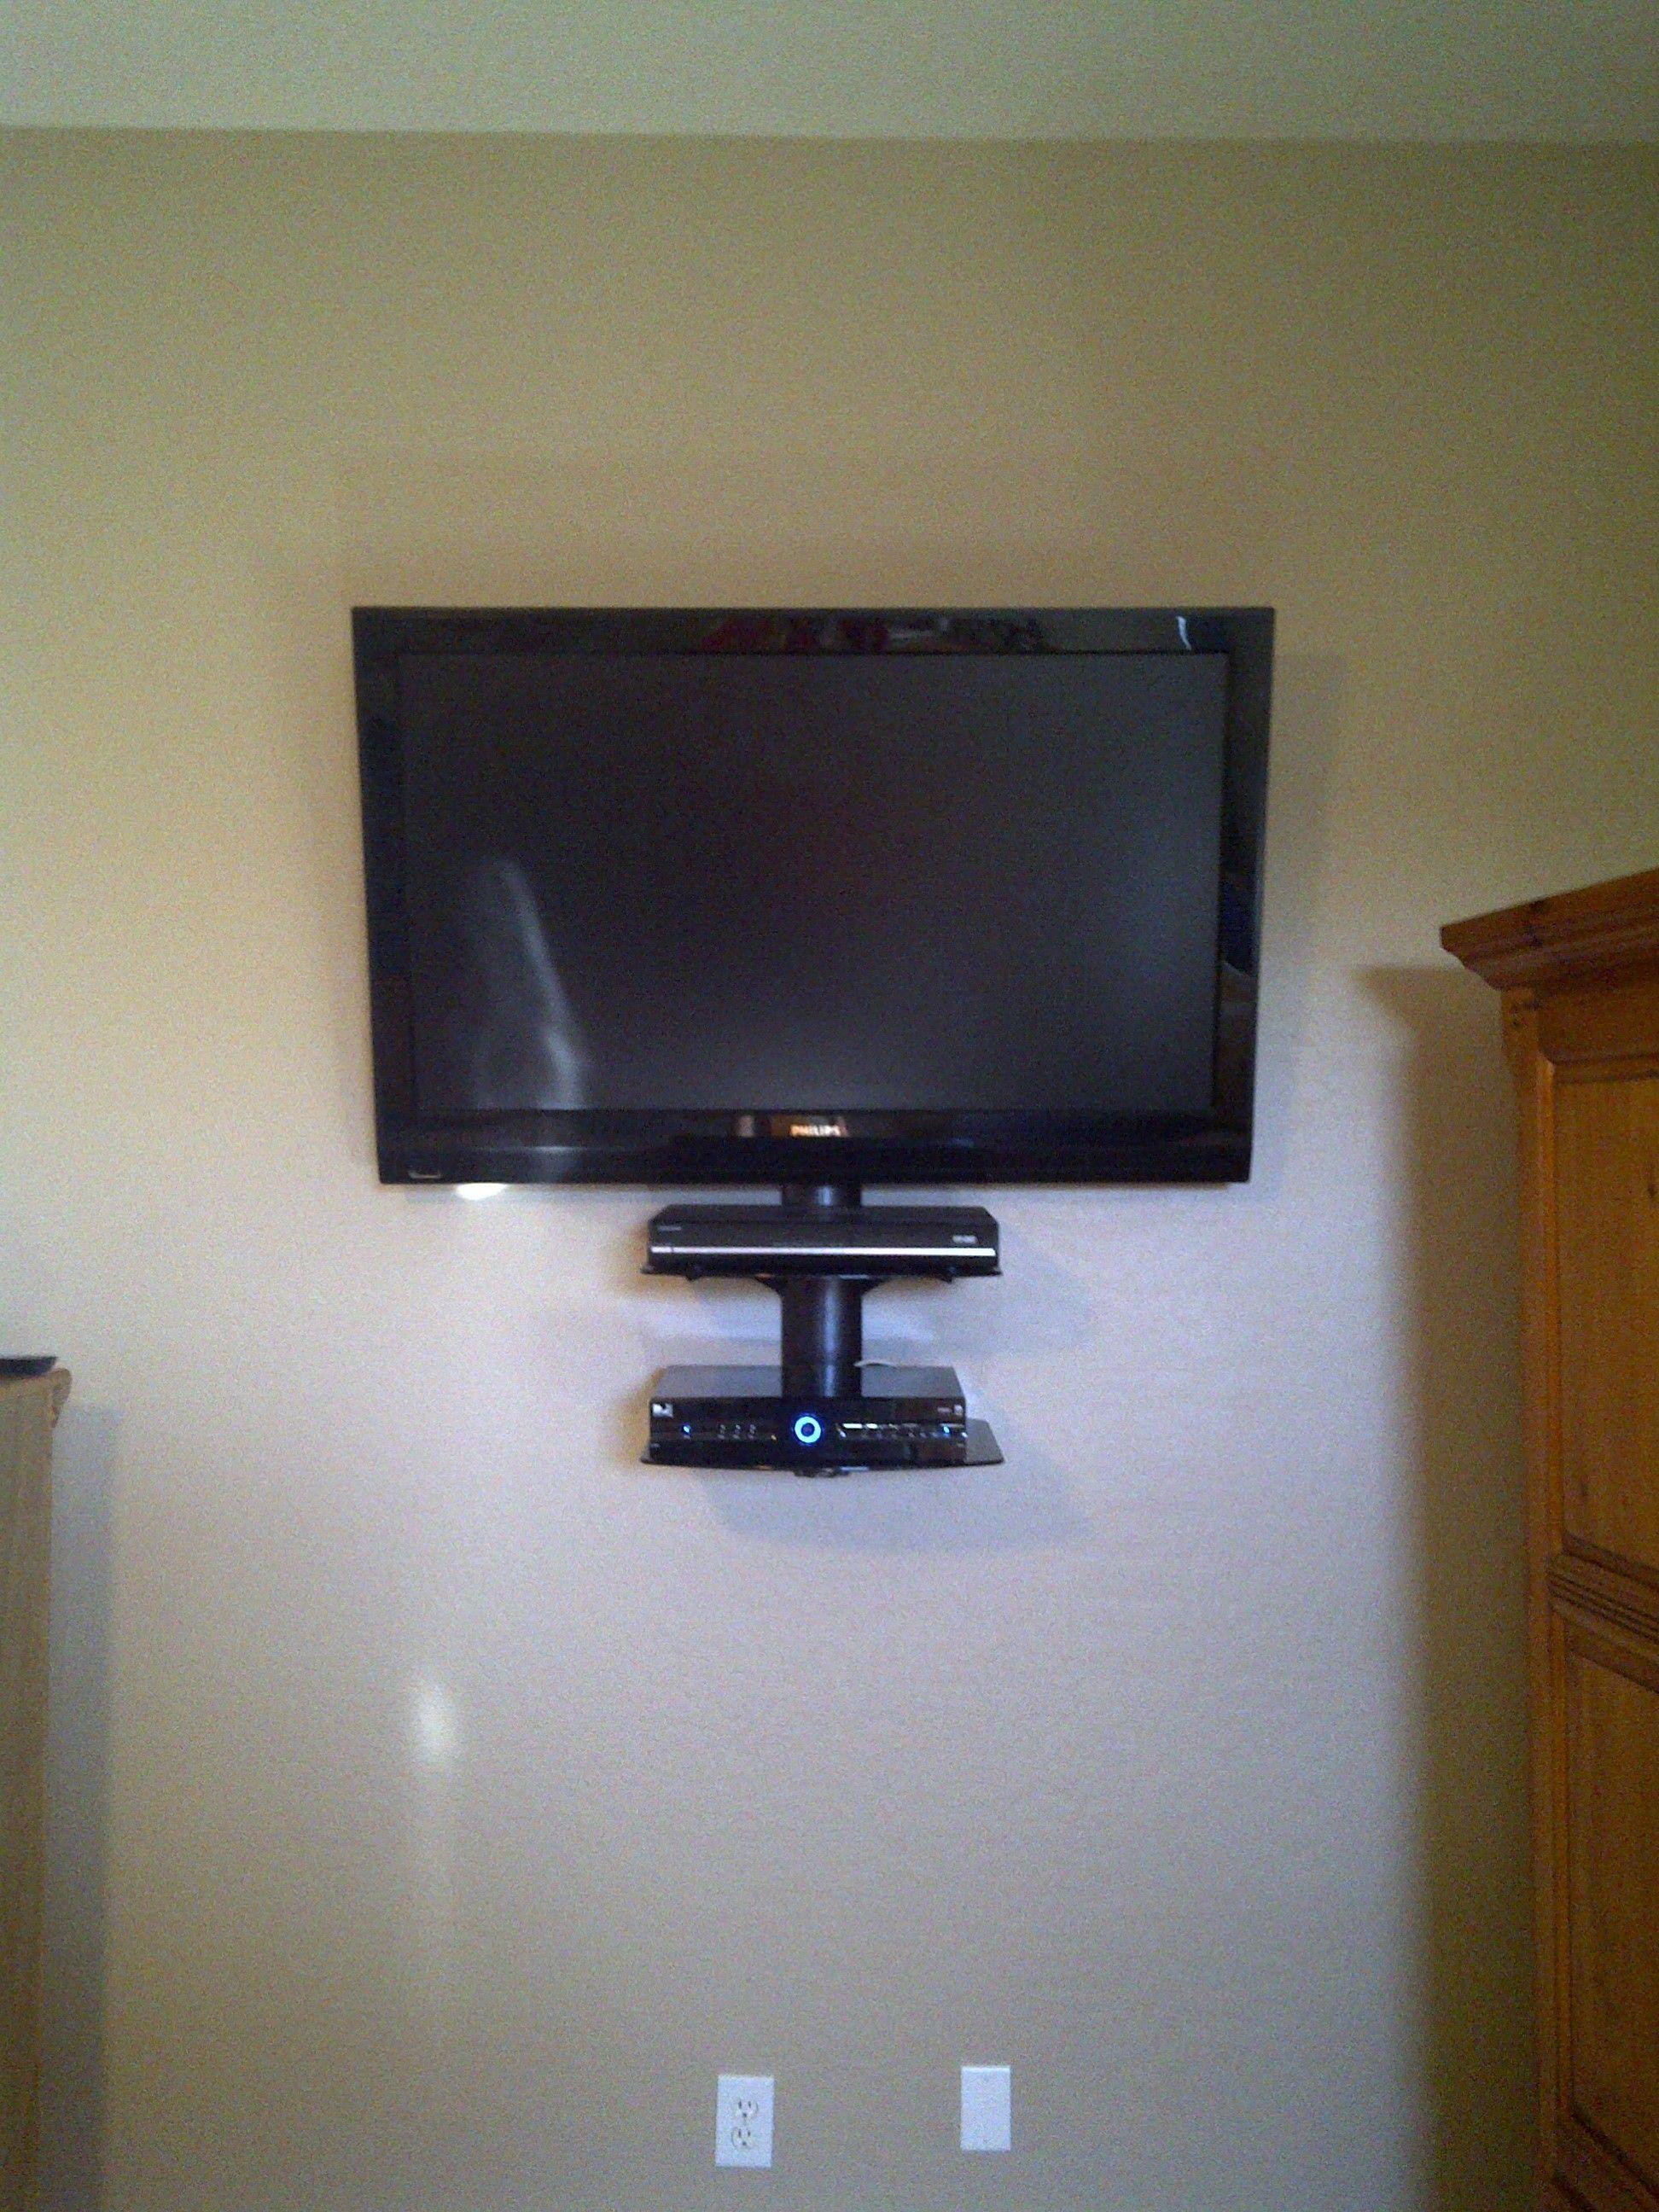 Tv Wall Mount Ideas Tv Wall Mount Ideas Hide Wires Tv Wall Mount